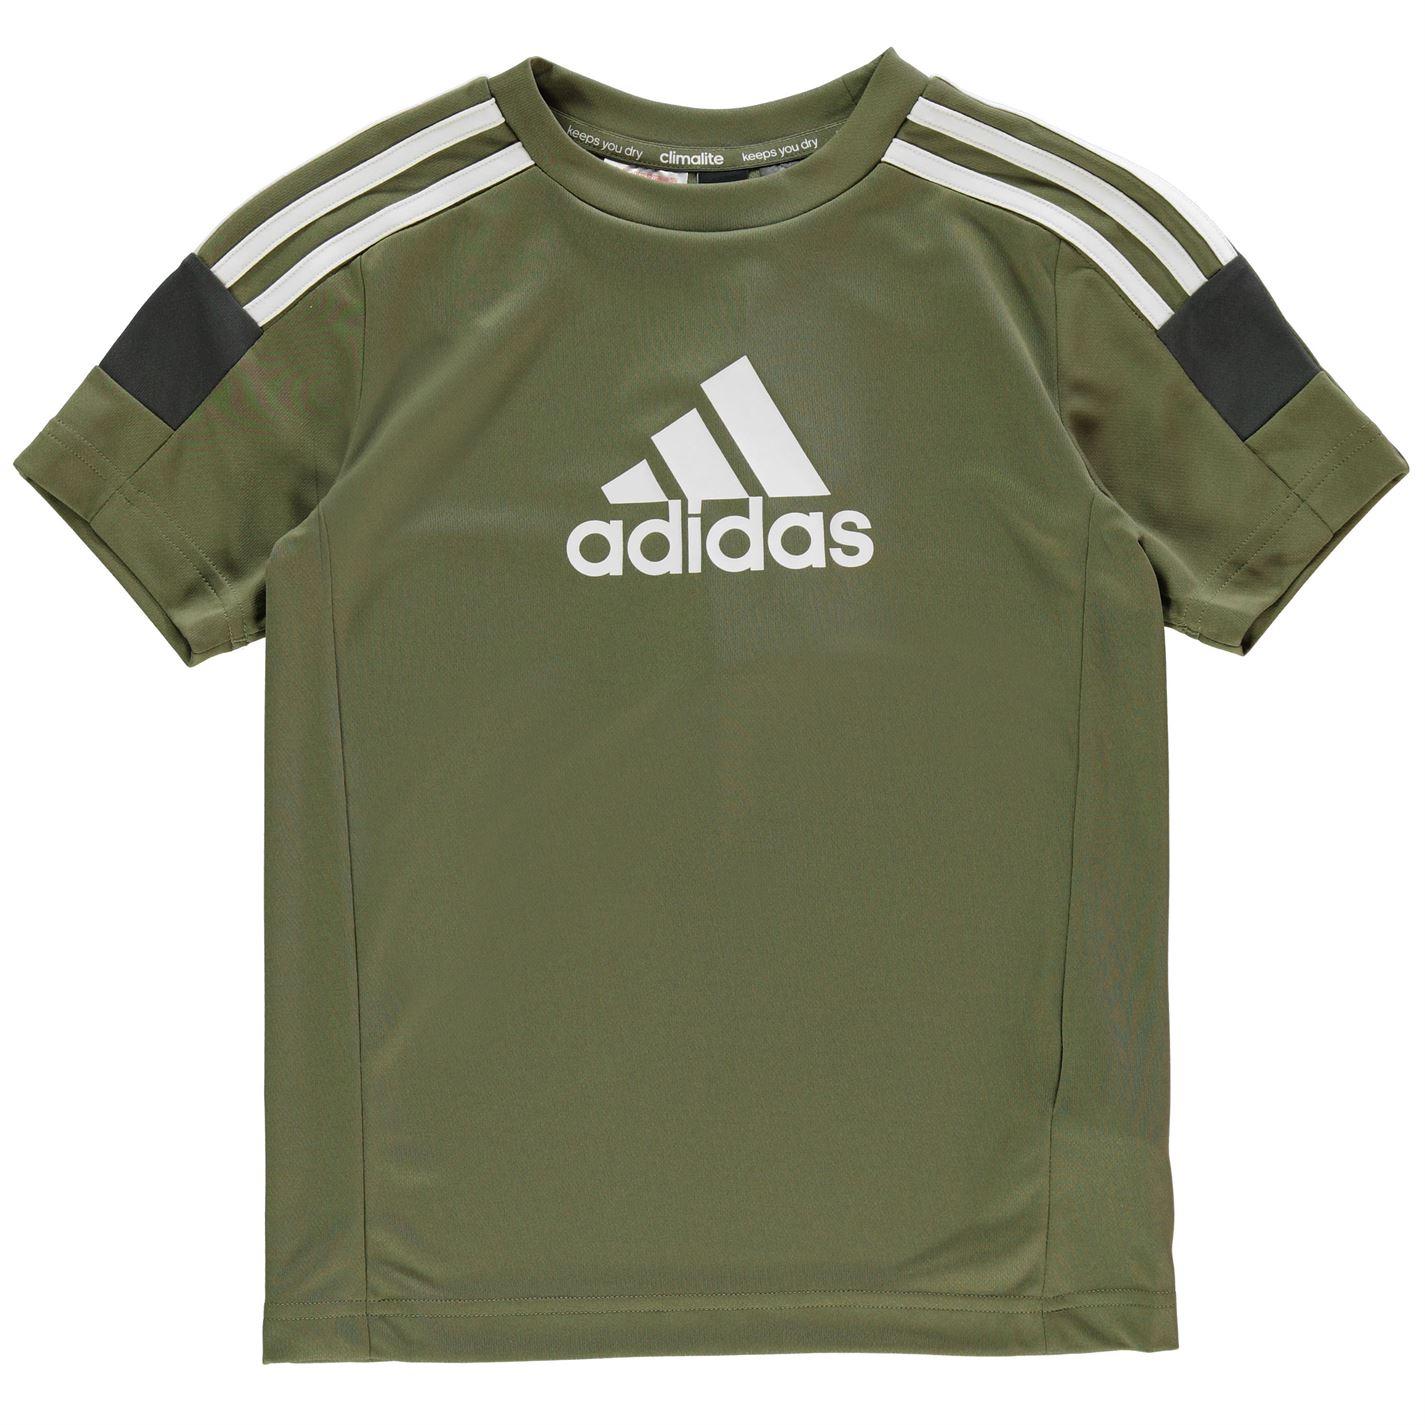 Adidas Boy's Tri-Coloured T-Shirt